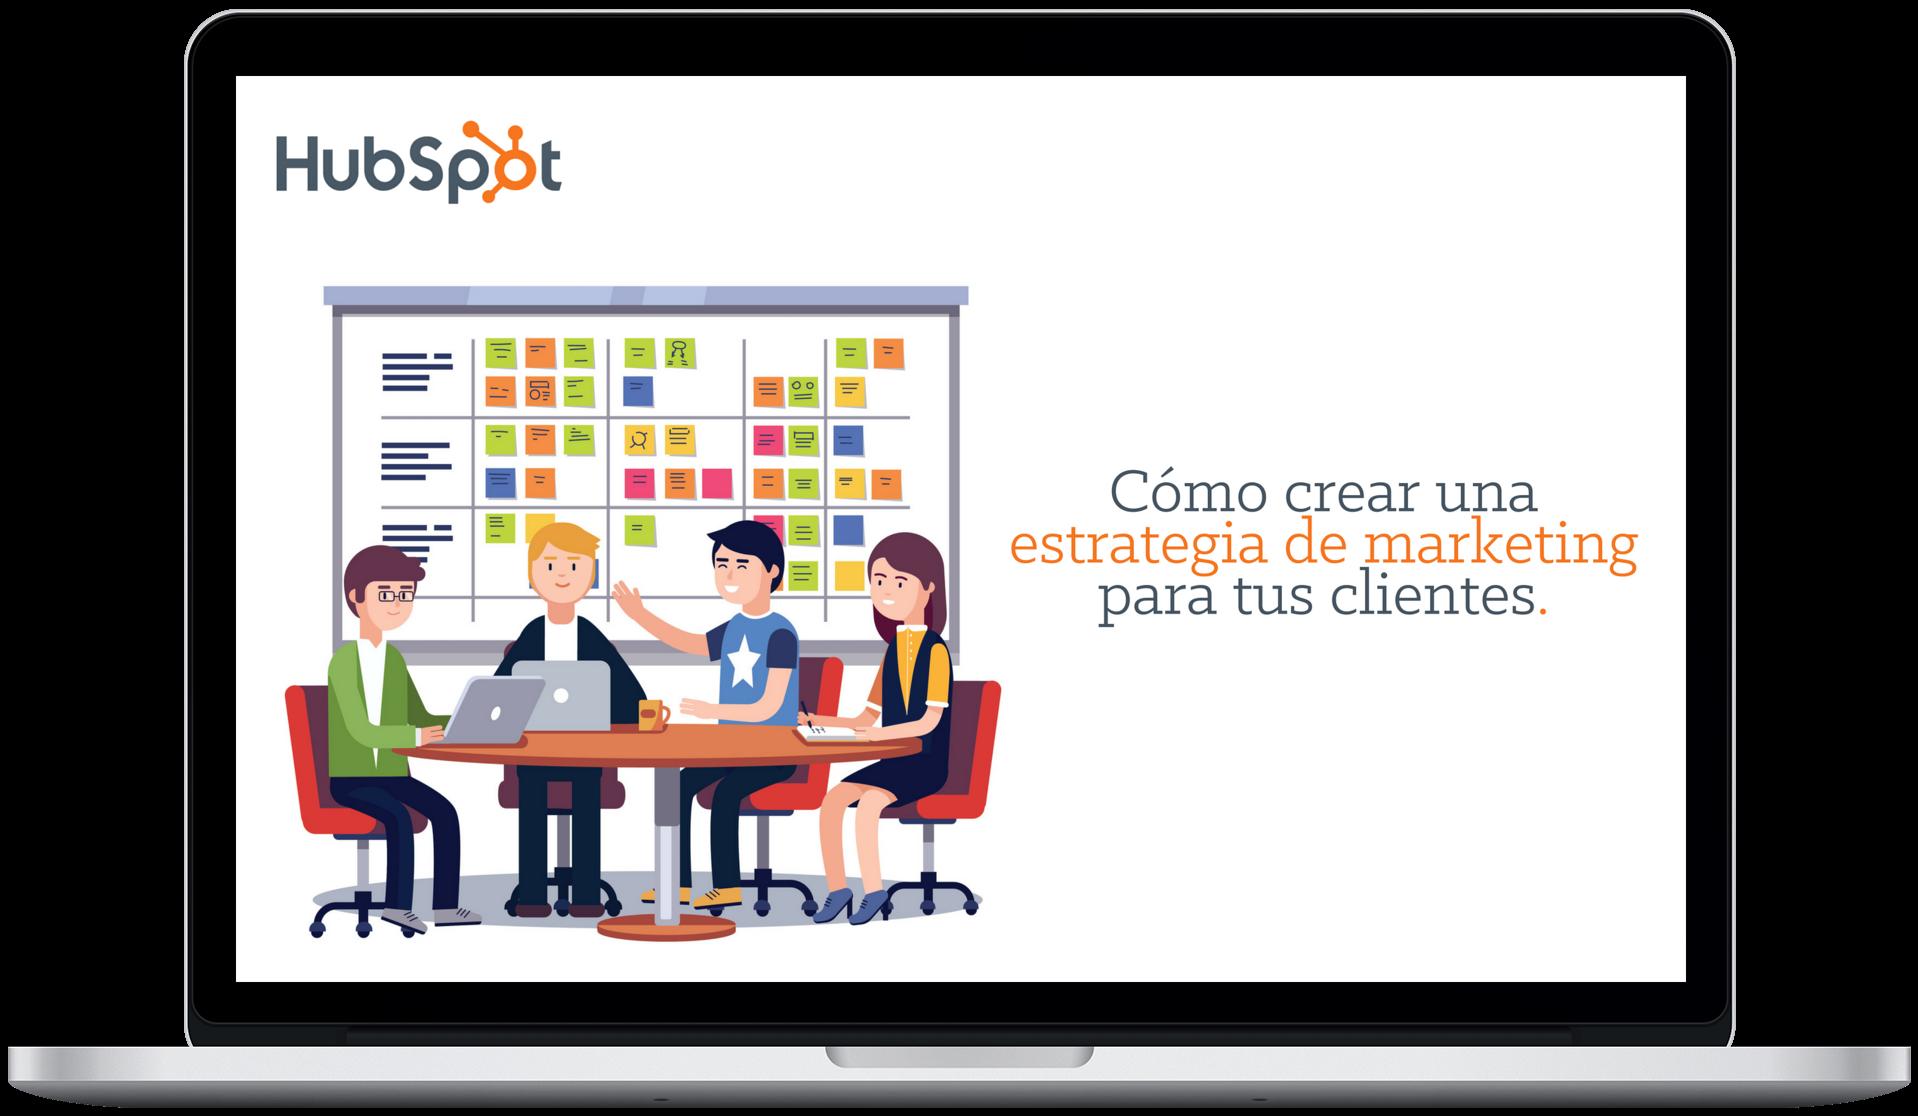 cómo crear una estrategia de marketing para tus clientes